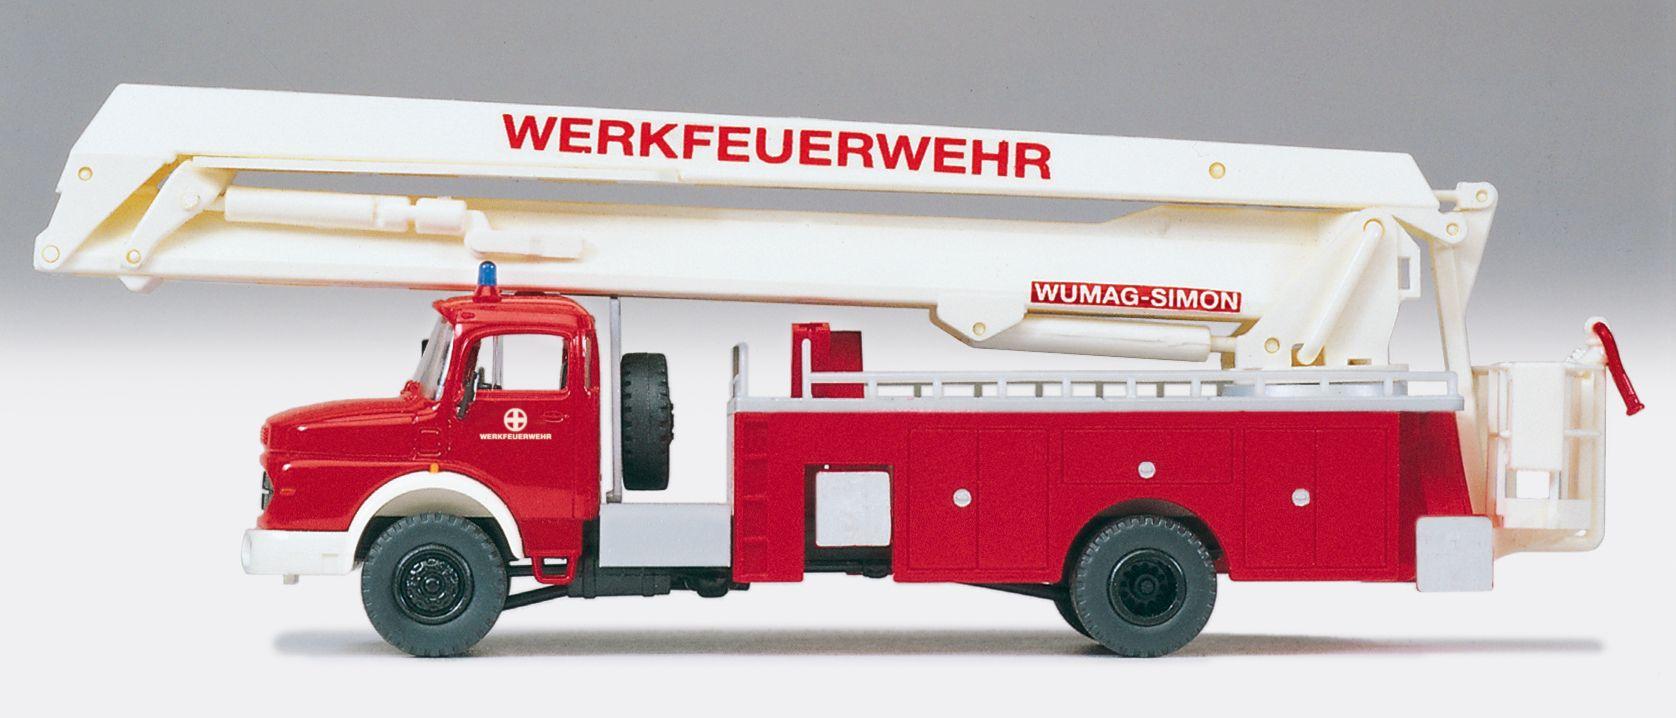 1:87 Feuerwehr Gelenkbühne MB LA 1924, WUMAG-SIMON, Bausatz - Preiser 31180    günstig bestellen bei Modelleisenbahn Center  MCS Vertriebs GmbH